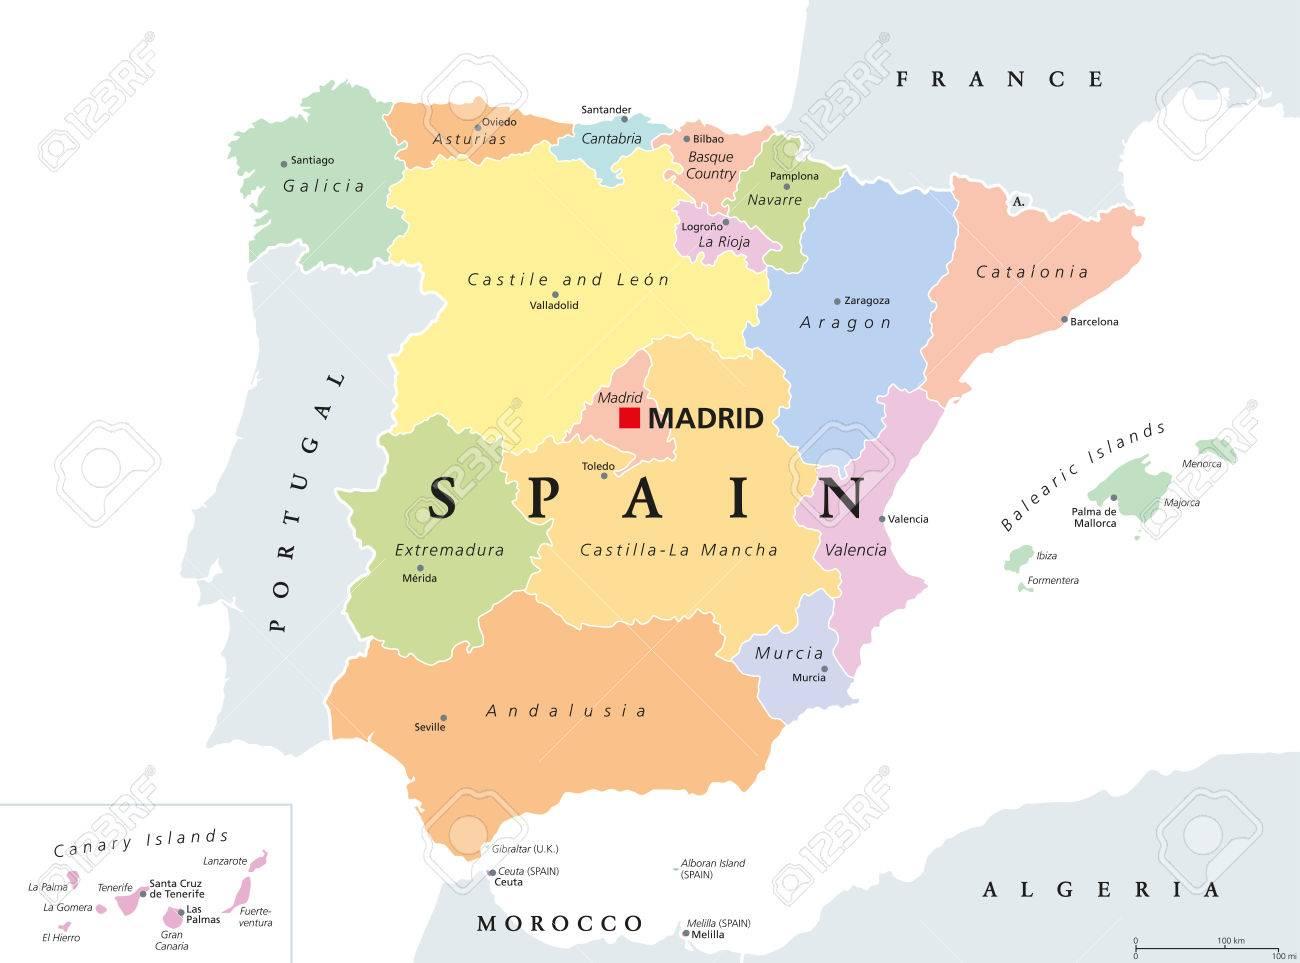 Mapa España Comunidades Autonomas Y Provincias.Mapa Politico De Las Comunidades Autonomas De Espana Divisiones Administrativas Del Reino De Espana Con Sus Capitales Municipios Provincias Y